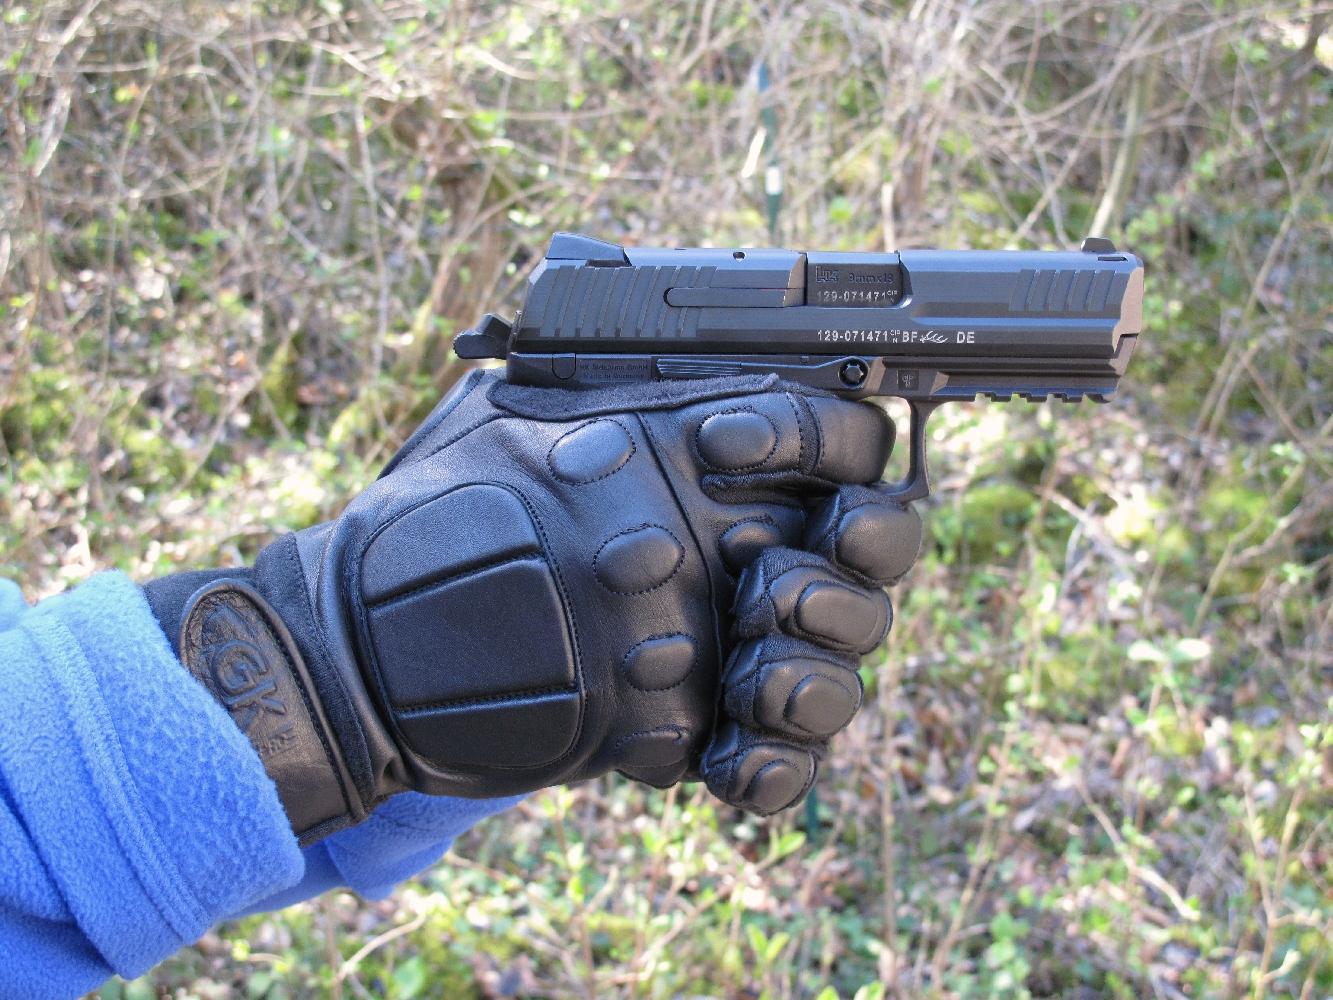 Les gants d'intervention en cuir, qui bénéficient d'un haut niveau de protection, pêchent au tir par leur revêtement peu accrocheur sous la paume et les doigts.